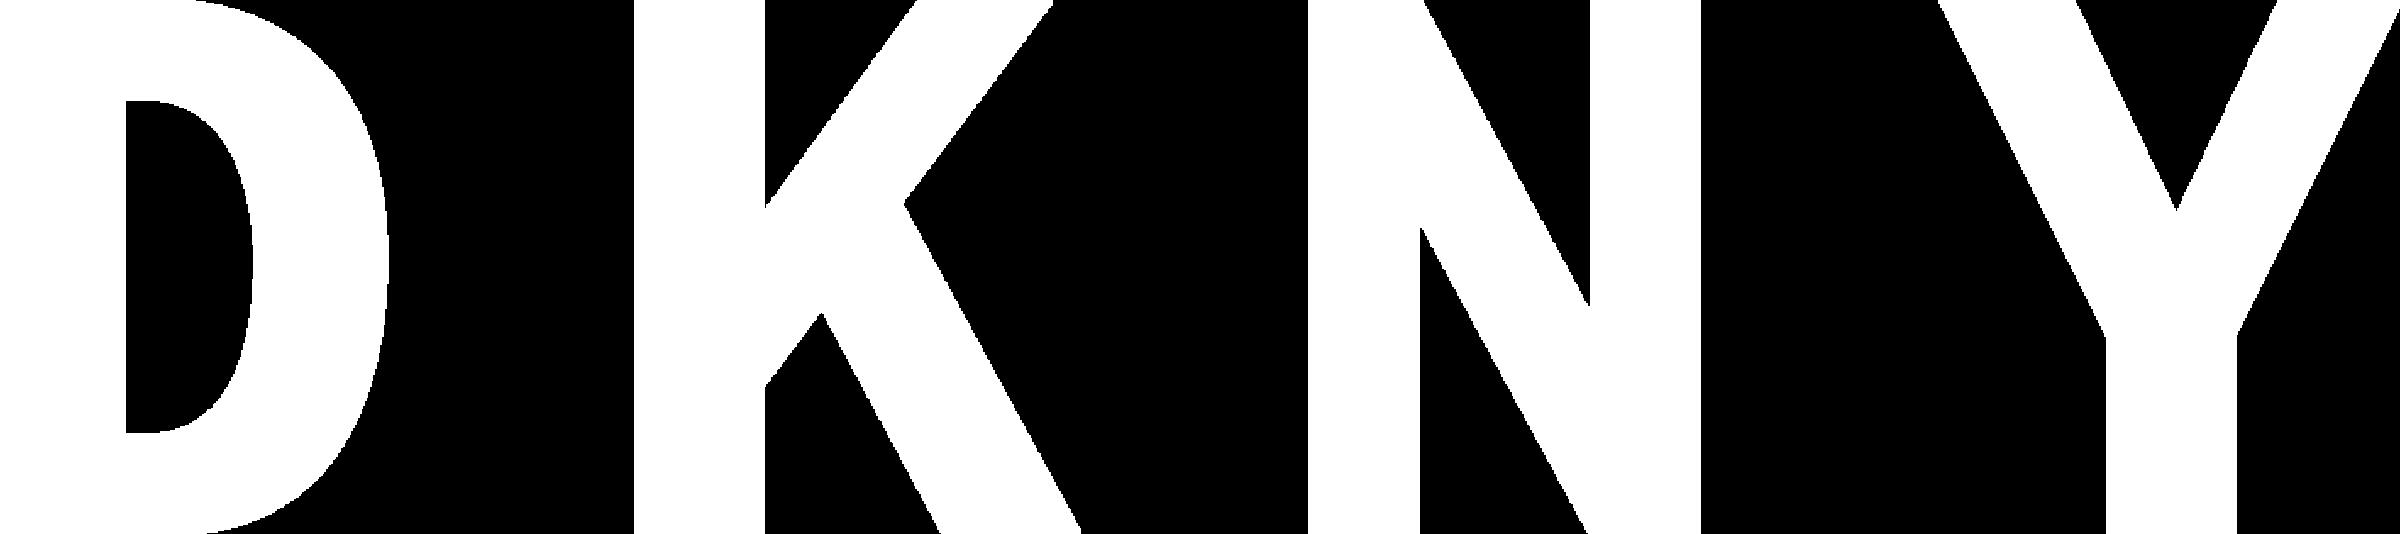 DKNY Logo